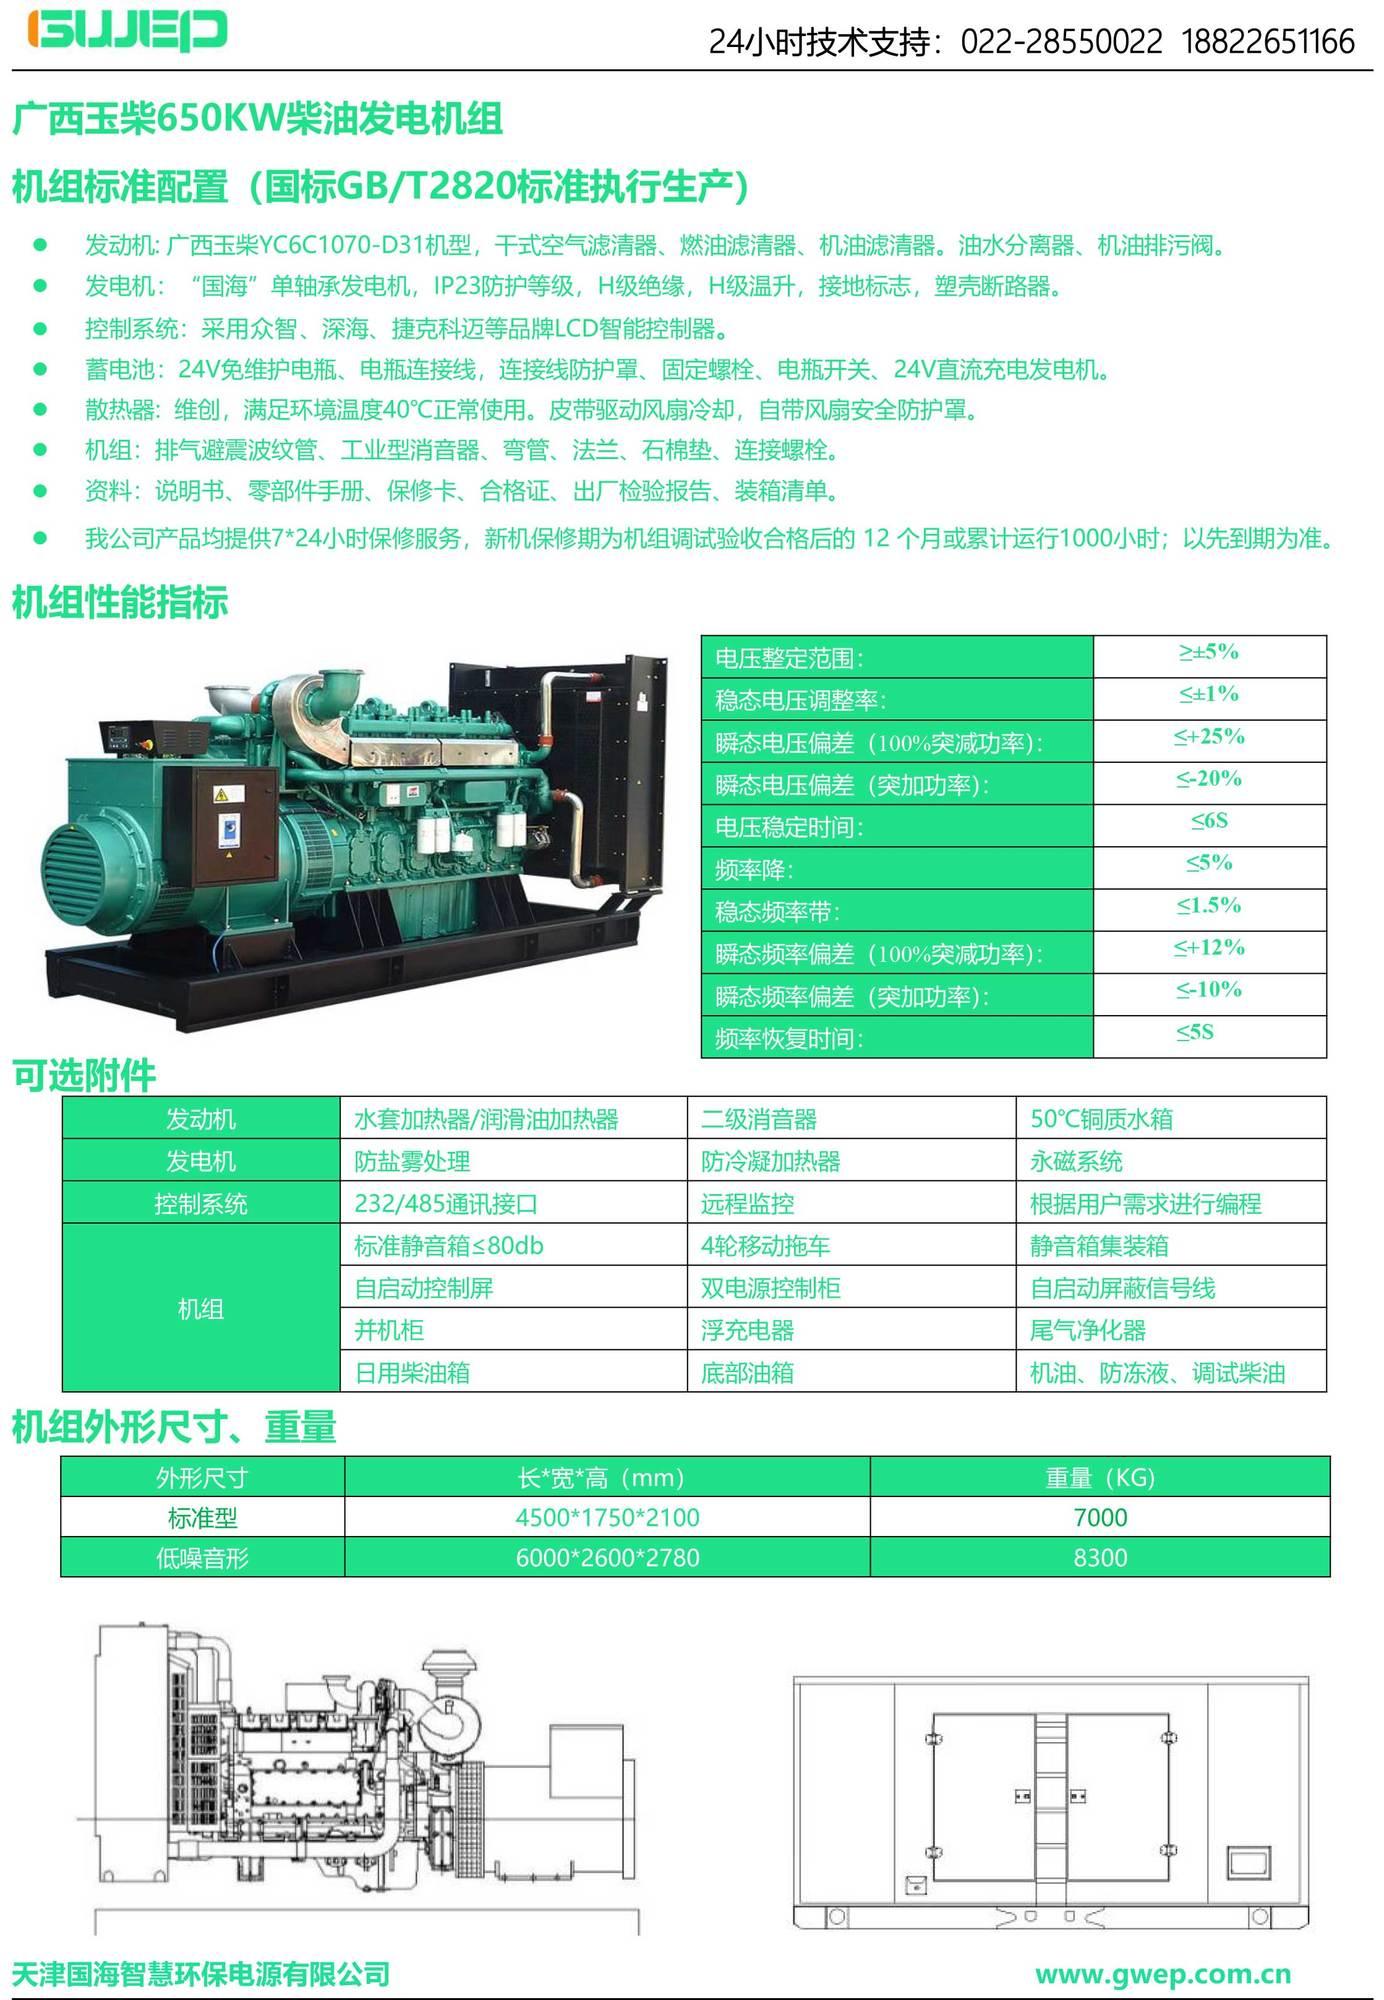 玉柴650KW发电机组技术资料-1.jpg